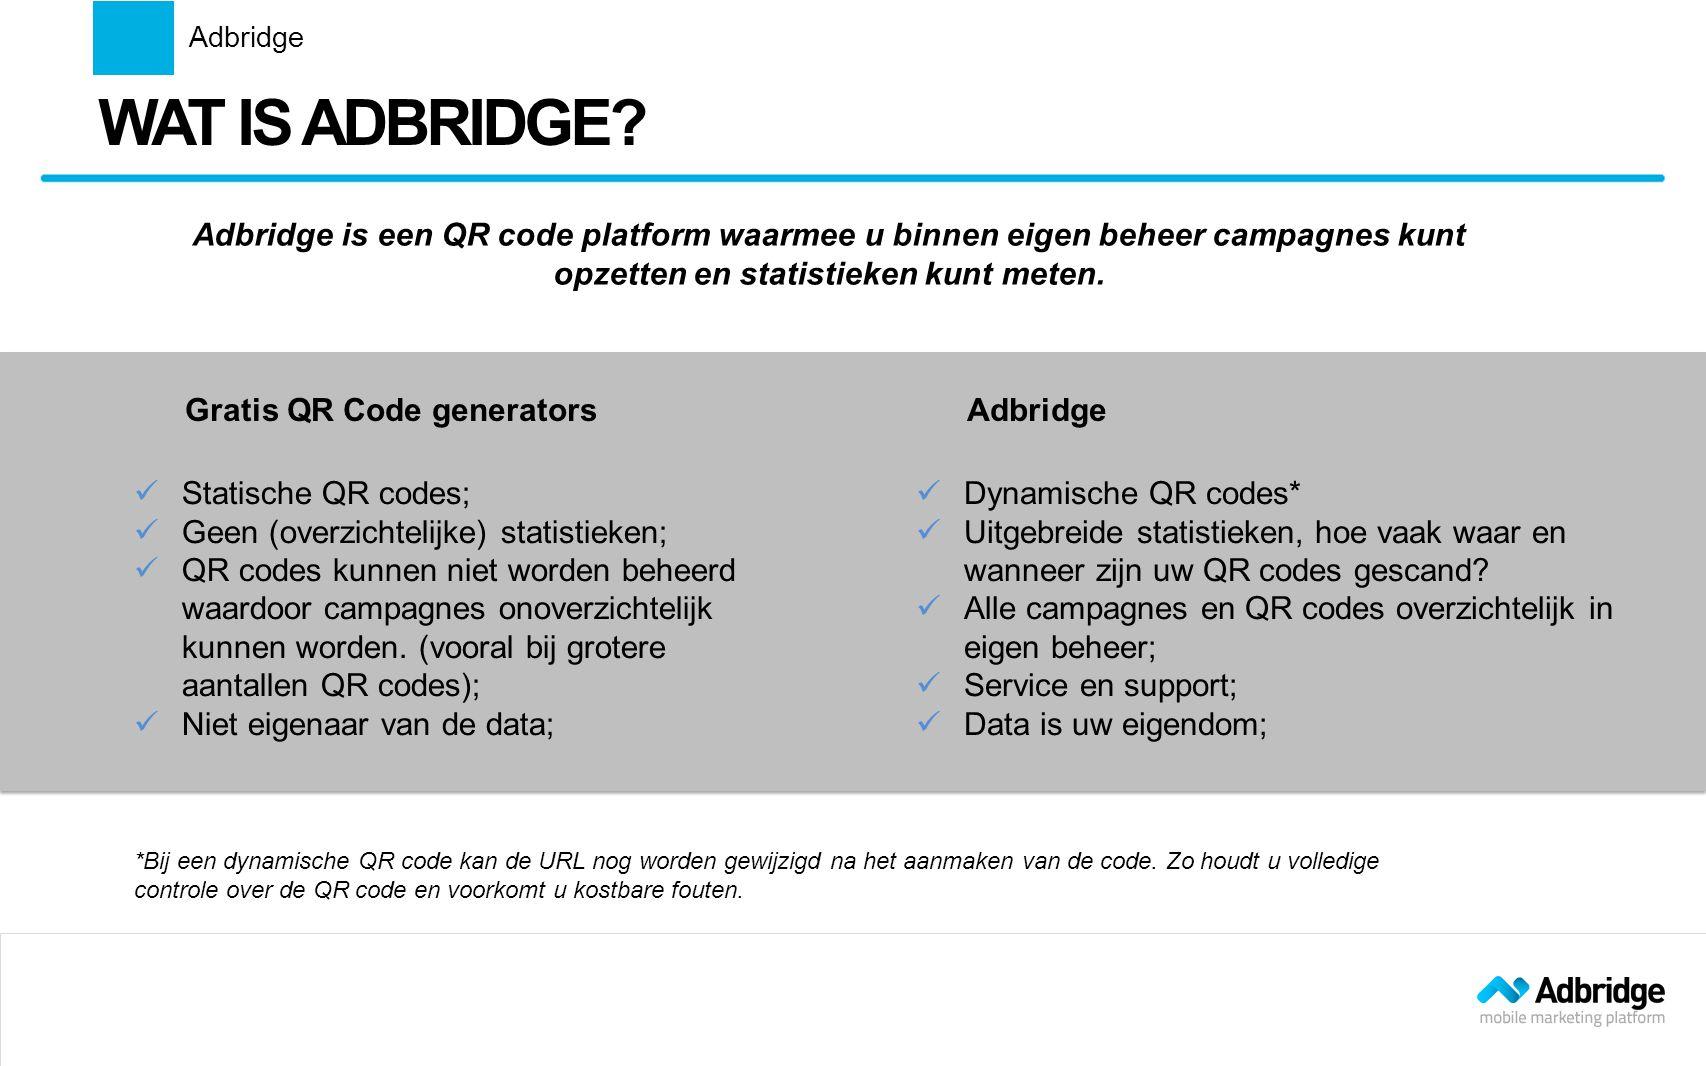  Statische QR codes;  Geen (overzichtelijke) statistieken;  QR codes kunnen niet worden beheerd waardoor campagnes onoverzichtelijk kunnen worden.